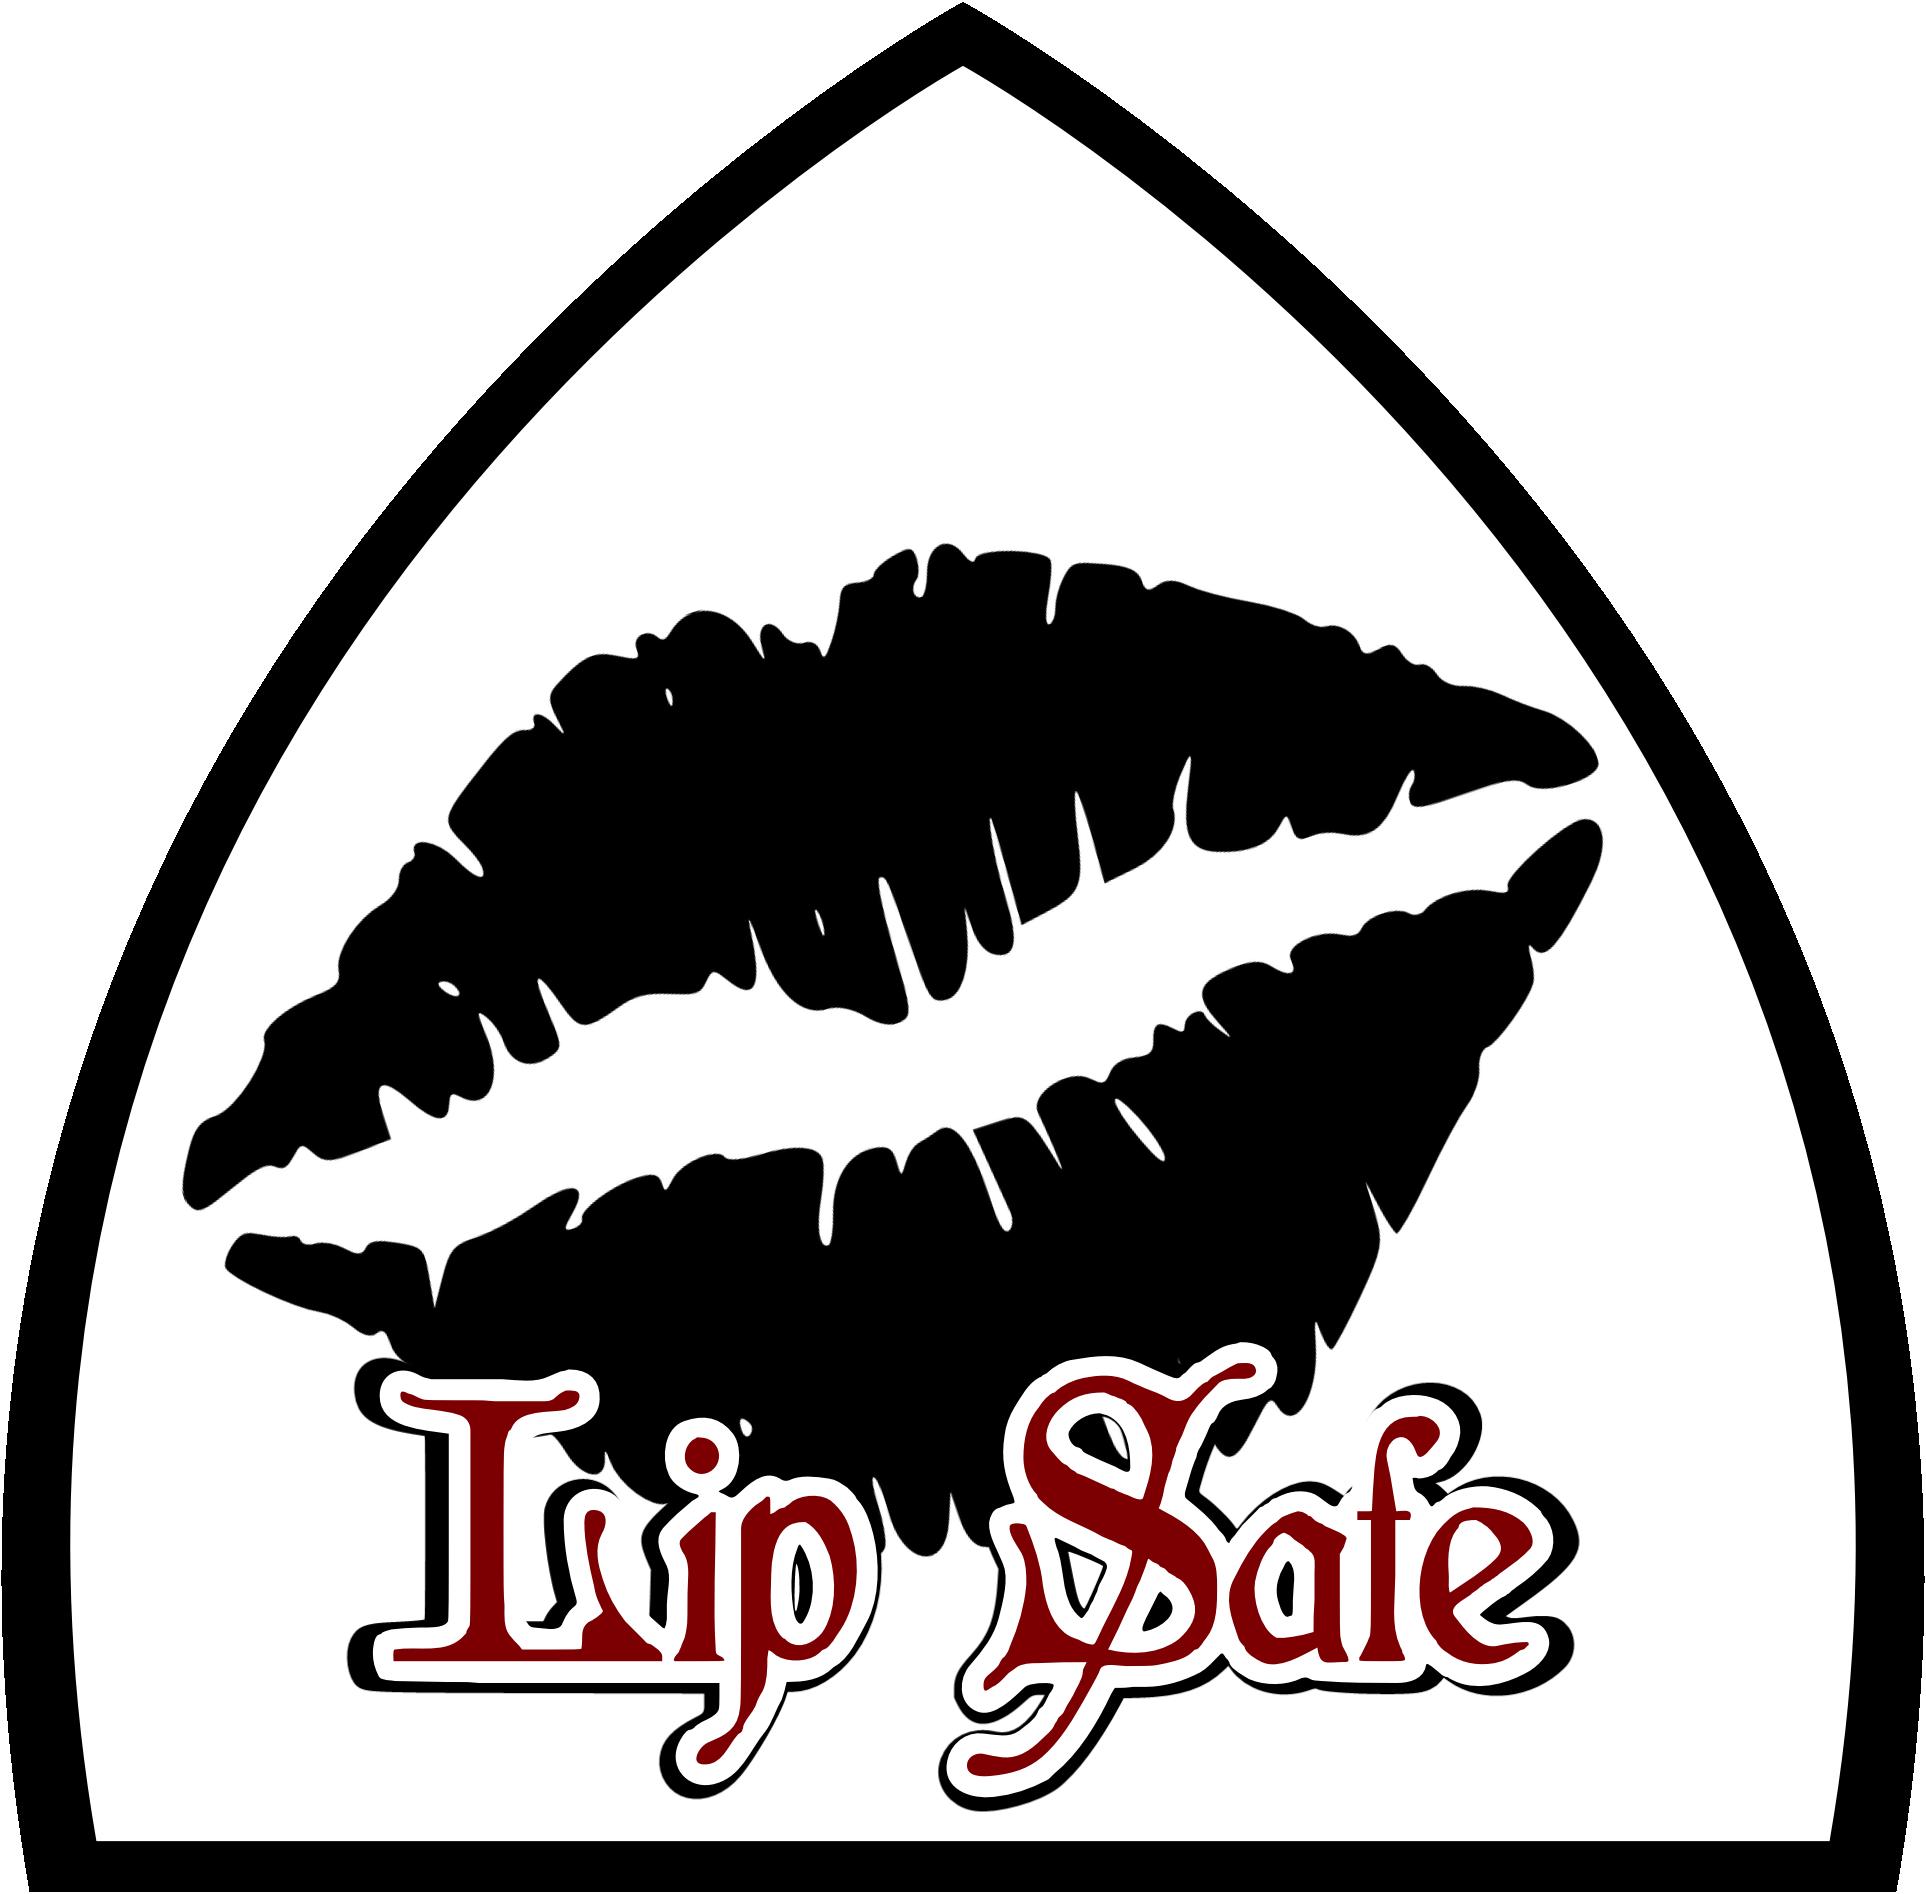 lip-safe-image.png